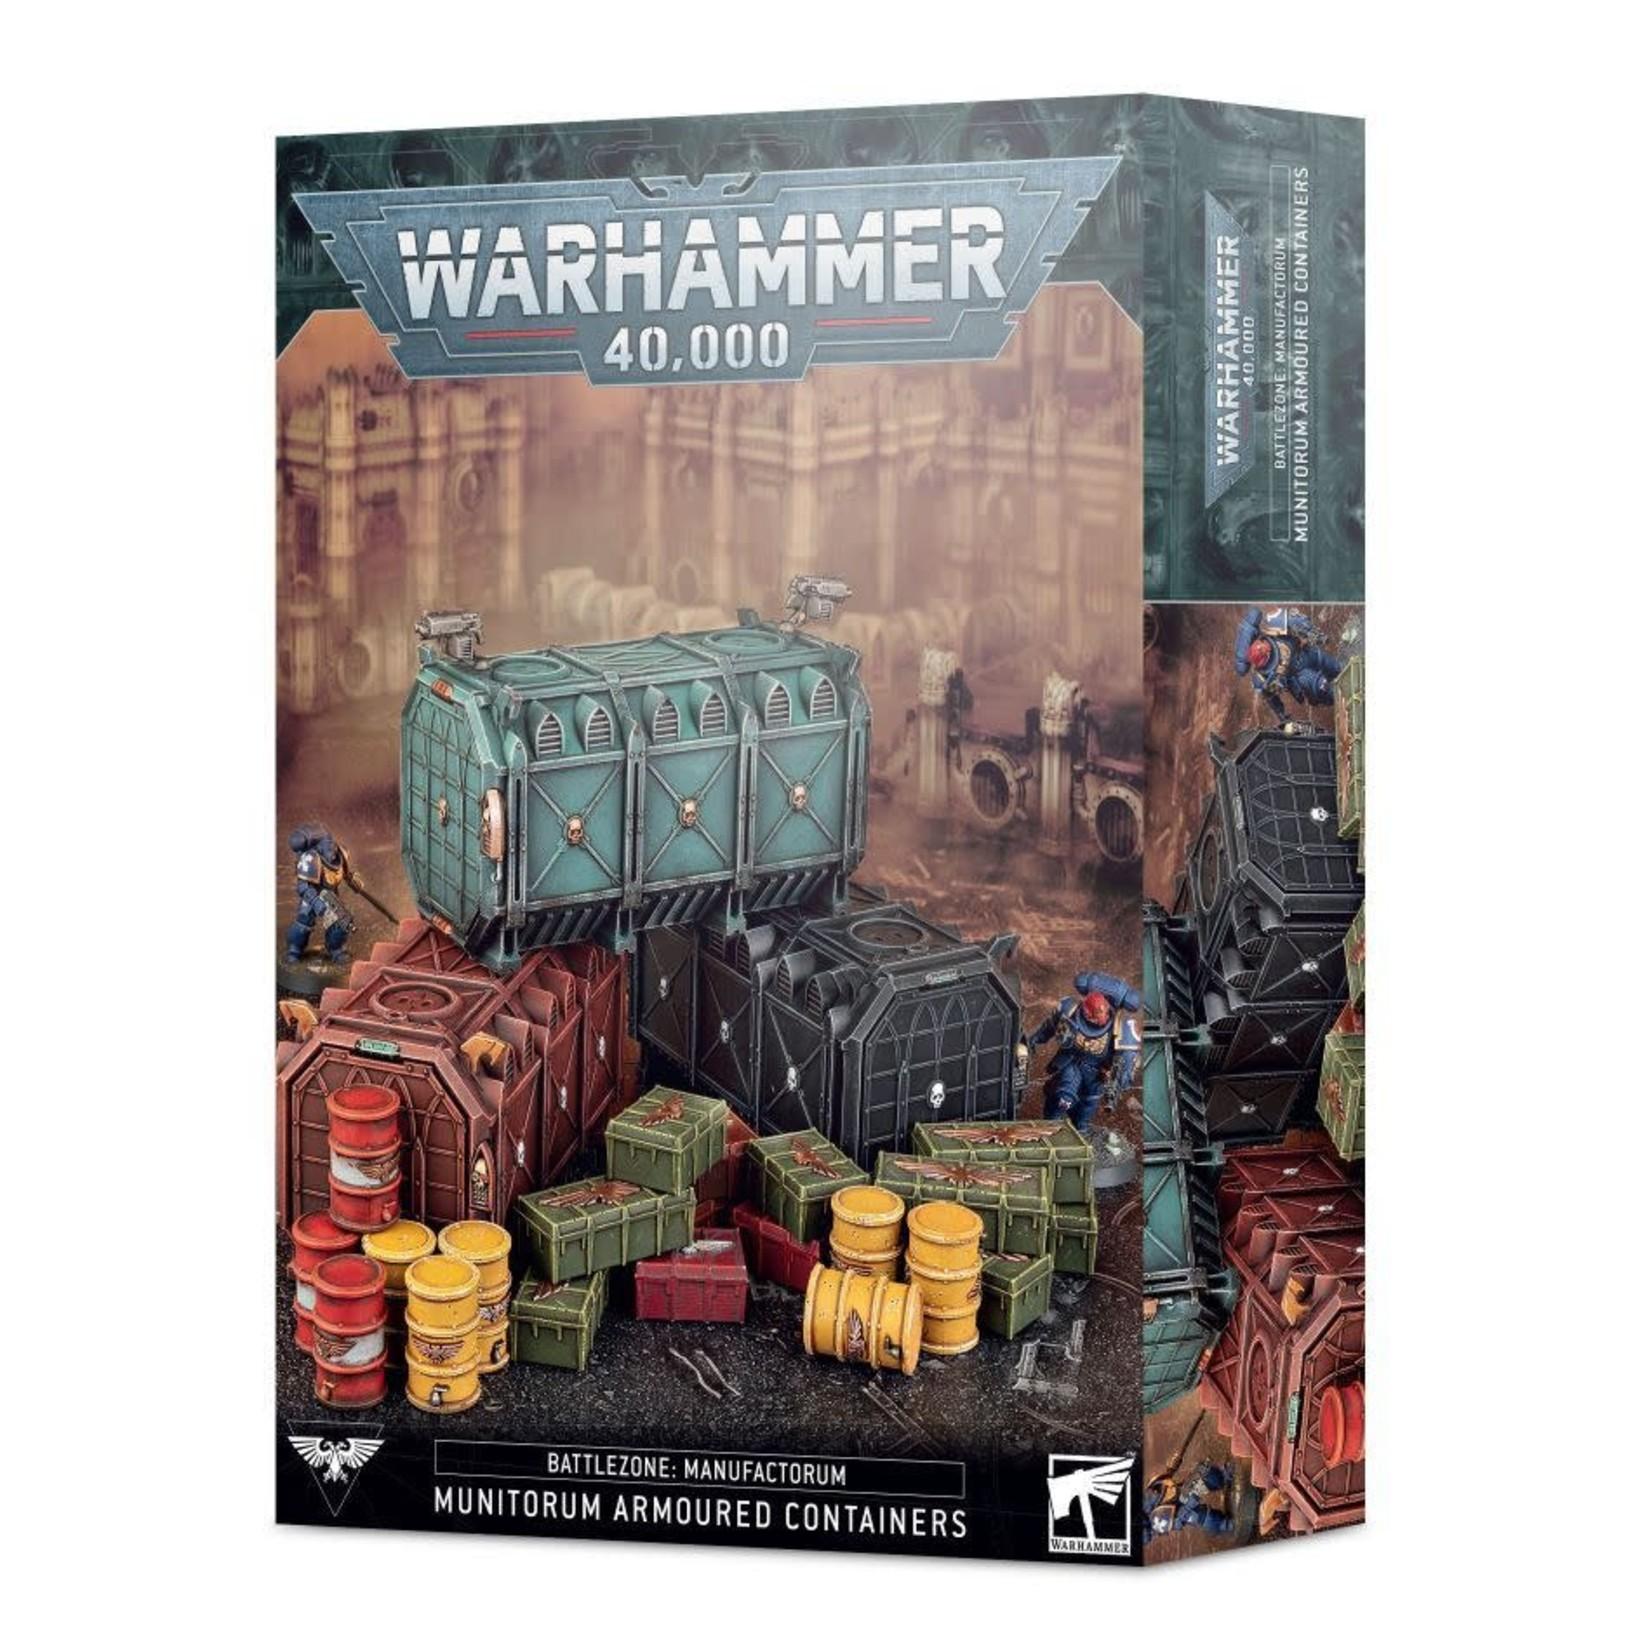 Games Workshop Warhammer 40k: Battlezone Terrain - Munitorum Armoured Container